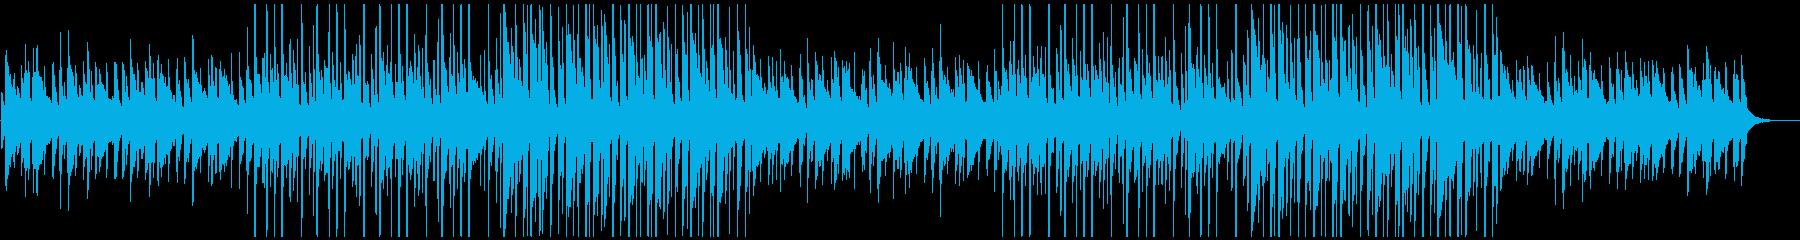 リラックス・おしゃれ・インテリア チルの再生済みの波形